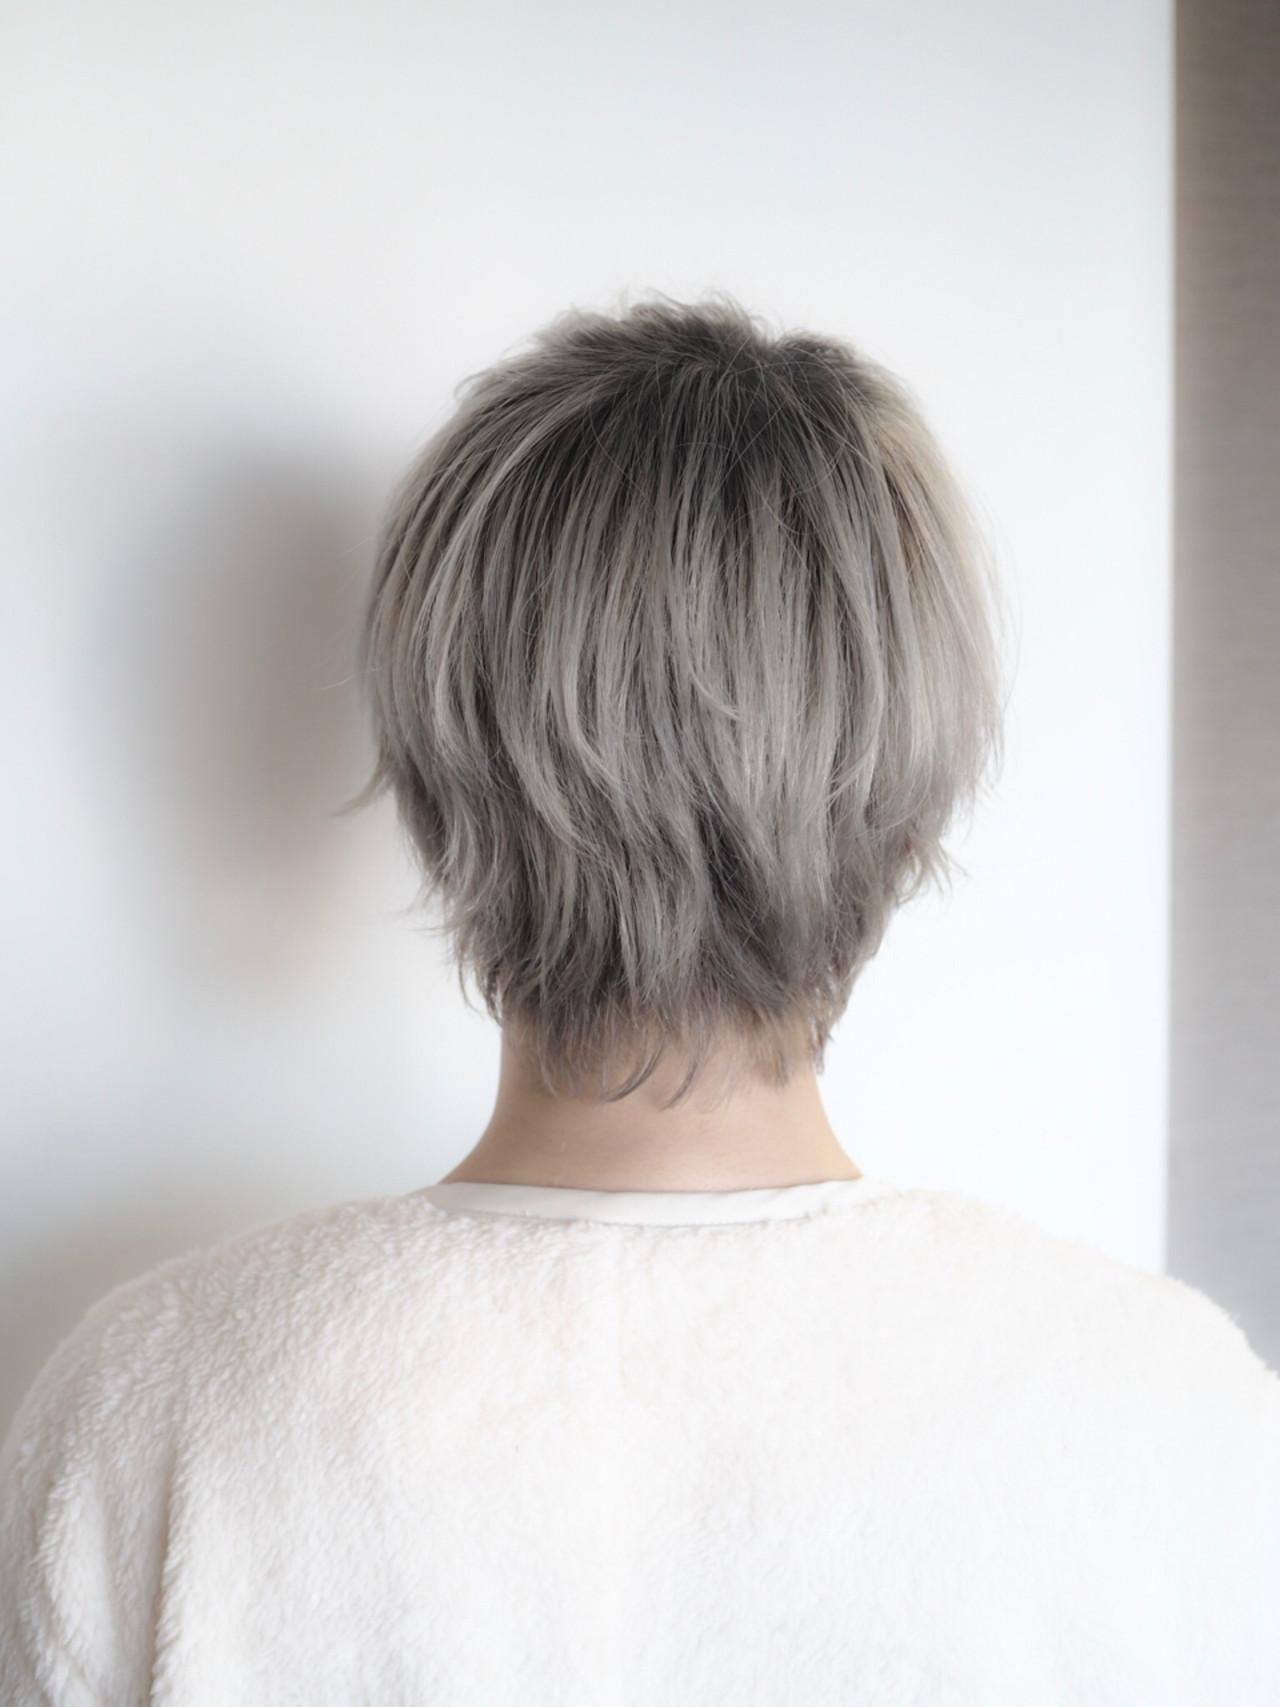 ホワイト シルバー グレージュ ショート ヘアスタイルや髪型の写真・画像